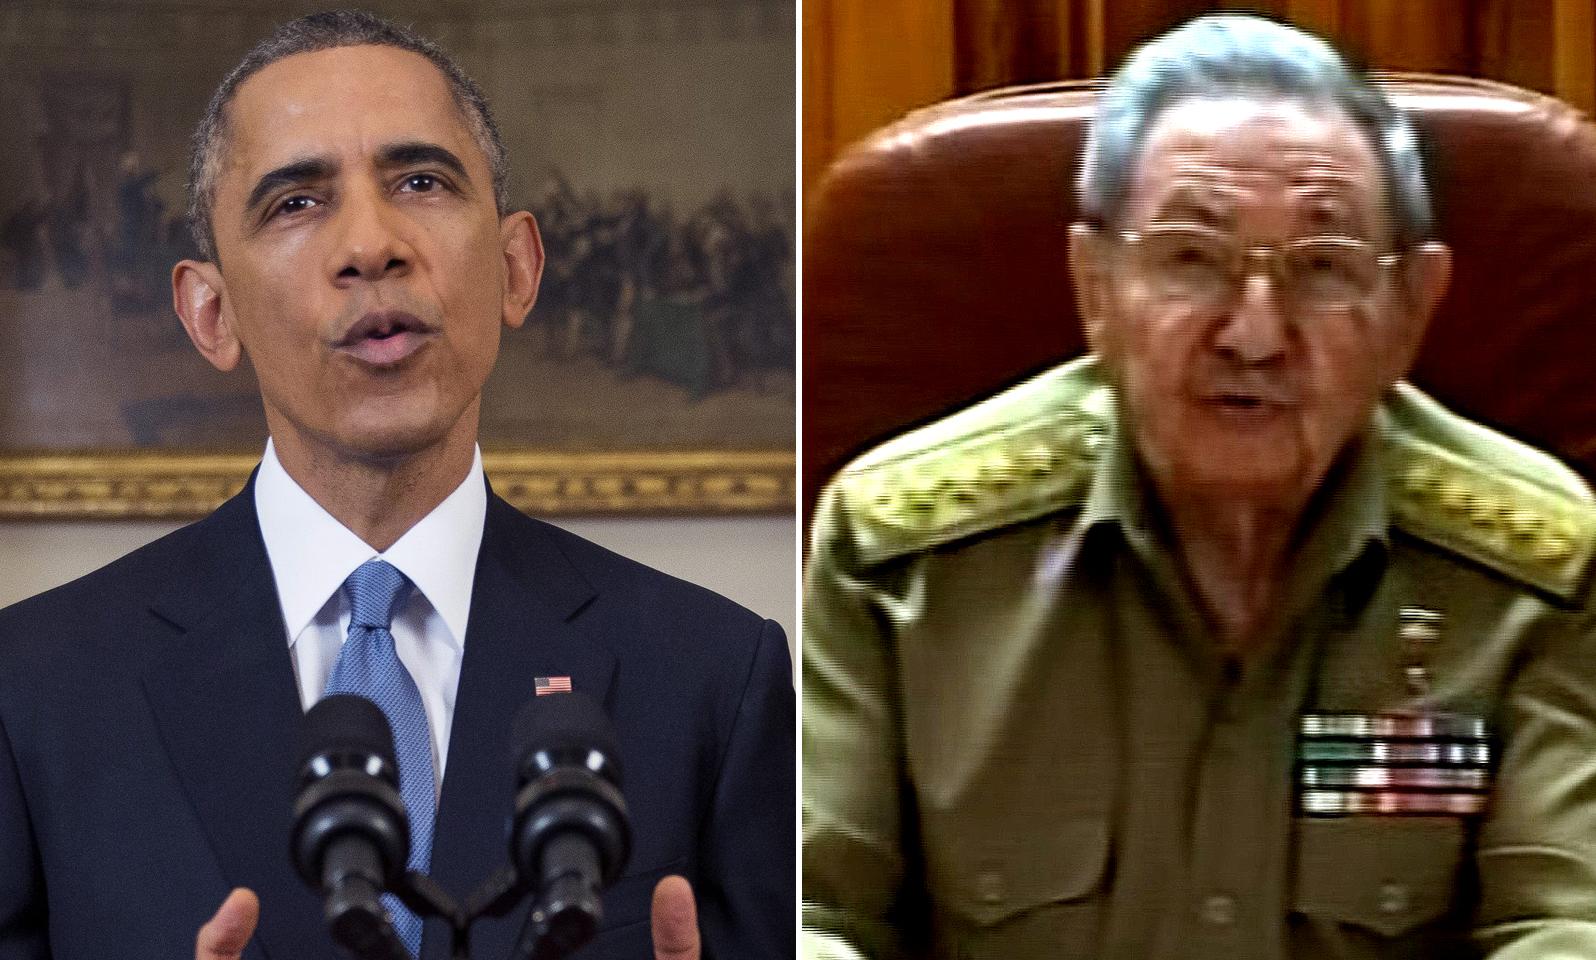 ΗΠΑ-Κούβα: Γράφουν ιστορία, θα αποκαταστήσουν διπλωματικές σχέσεις